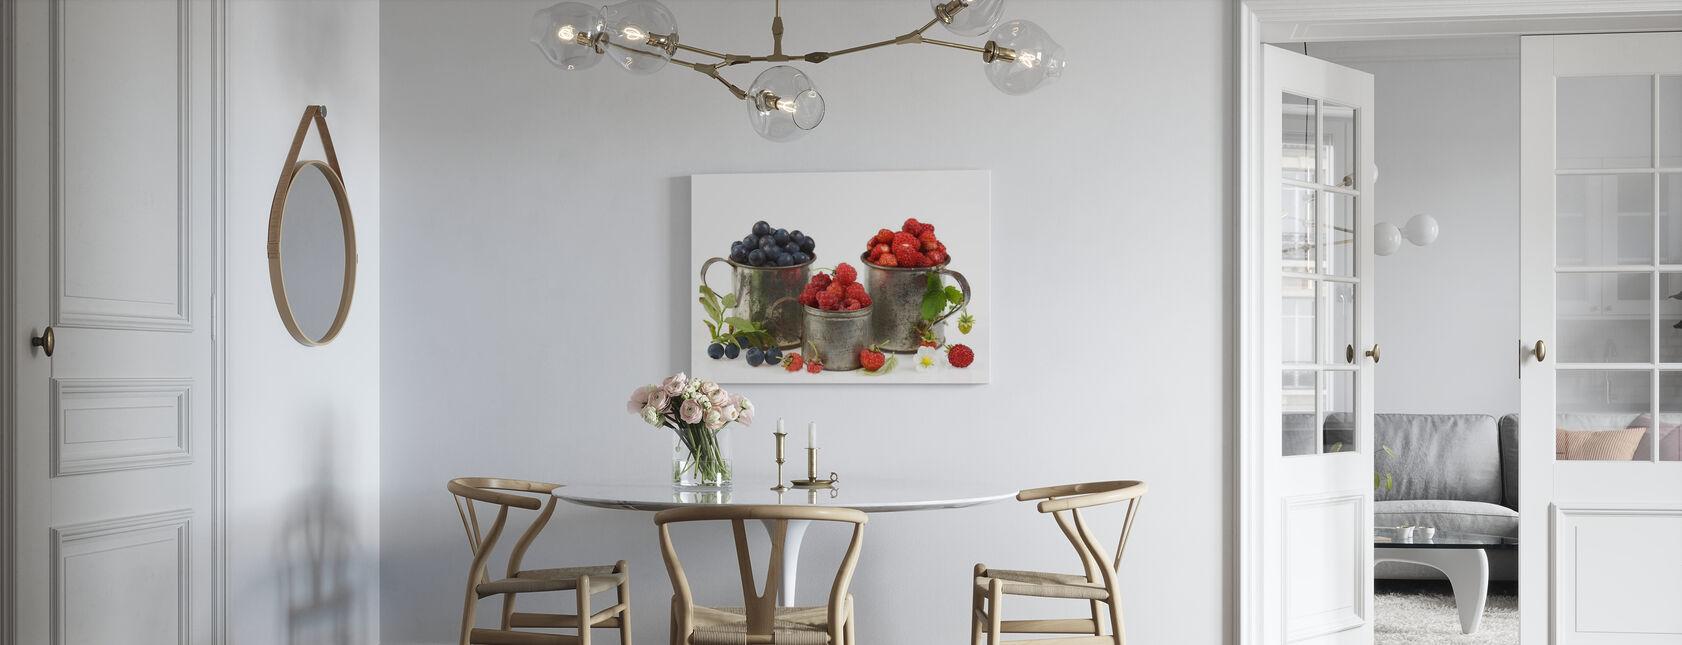 Mirtilli Mirtilli e Fragole - Stampa su tela - Cucina